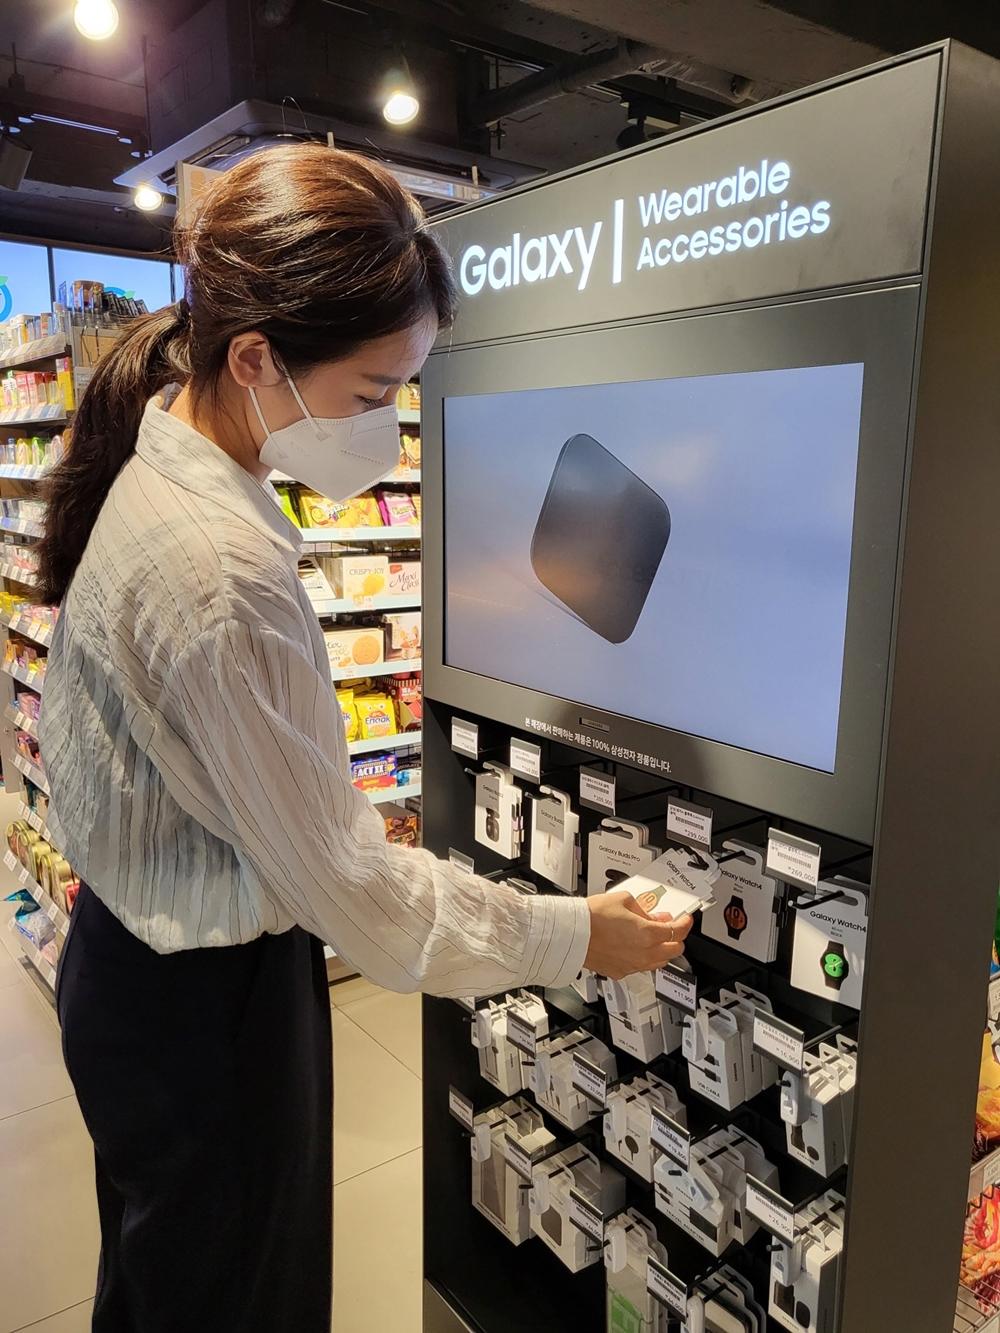 삼성 갤럭시 웨어러블기기 이마트24 판매 (2)